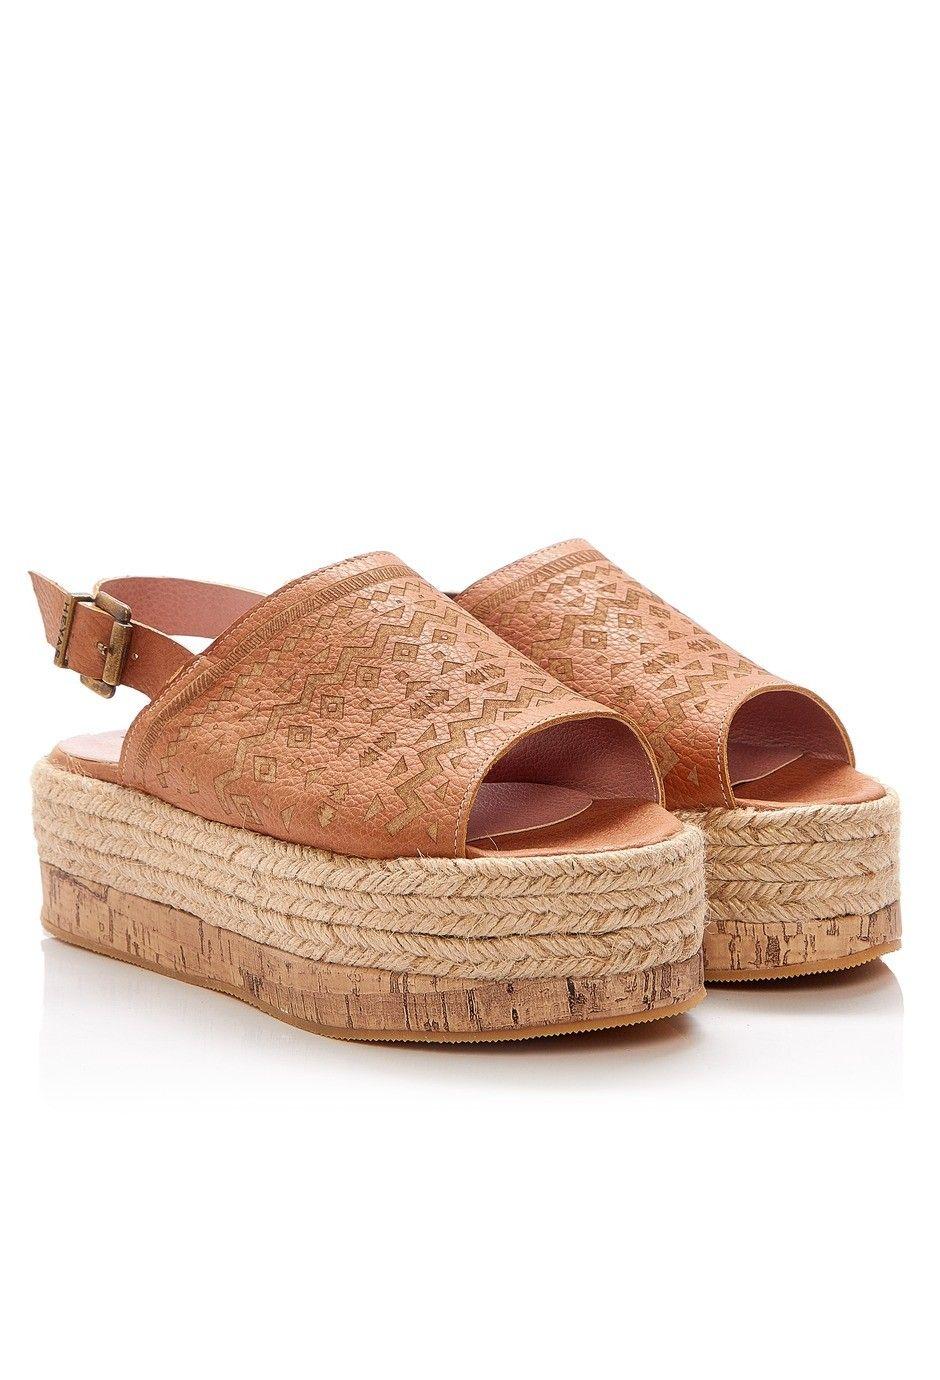 SuelaCalzado Lacan SuelaCalzado SuelaCalzado Zapatos Zapatos Heyas Lacan ZapatosPlataformas Heyas Zapatos Lacan ZapatosPlataformas Heyas kuTOPZiX